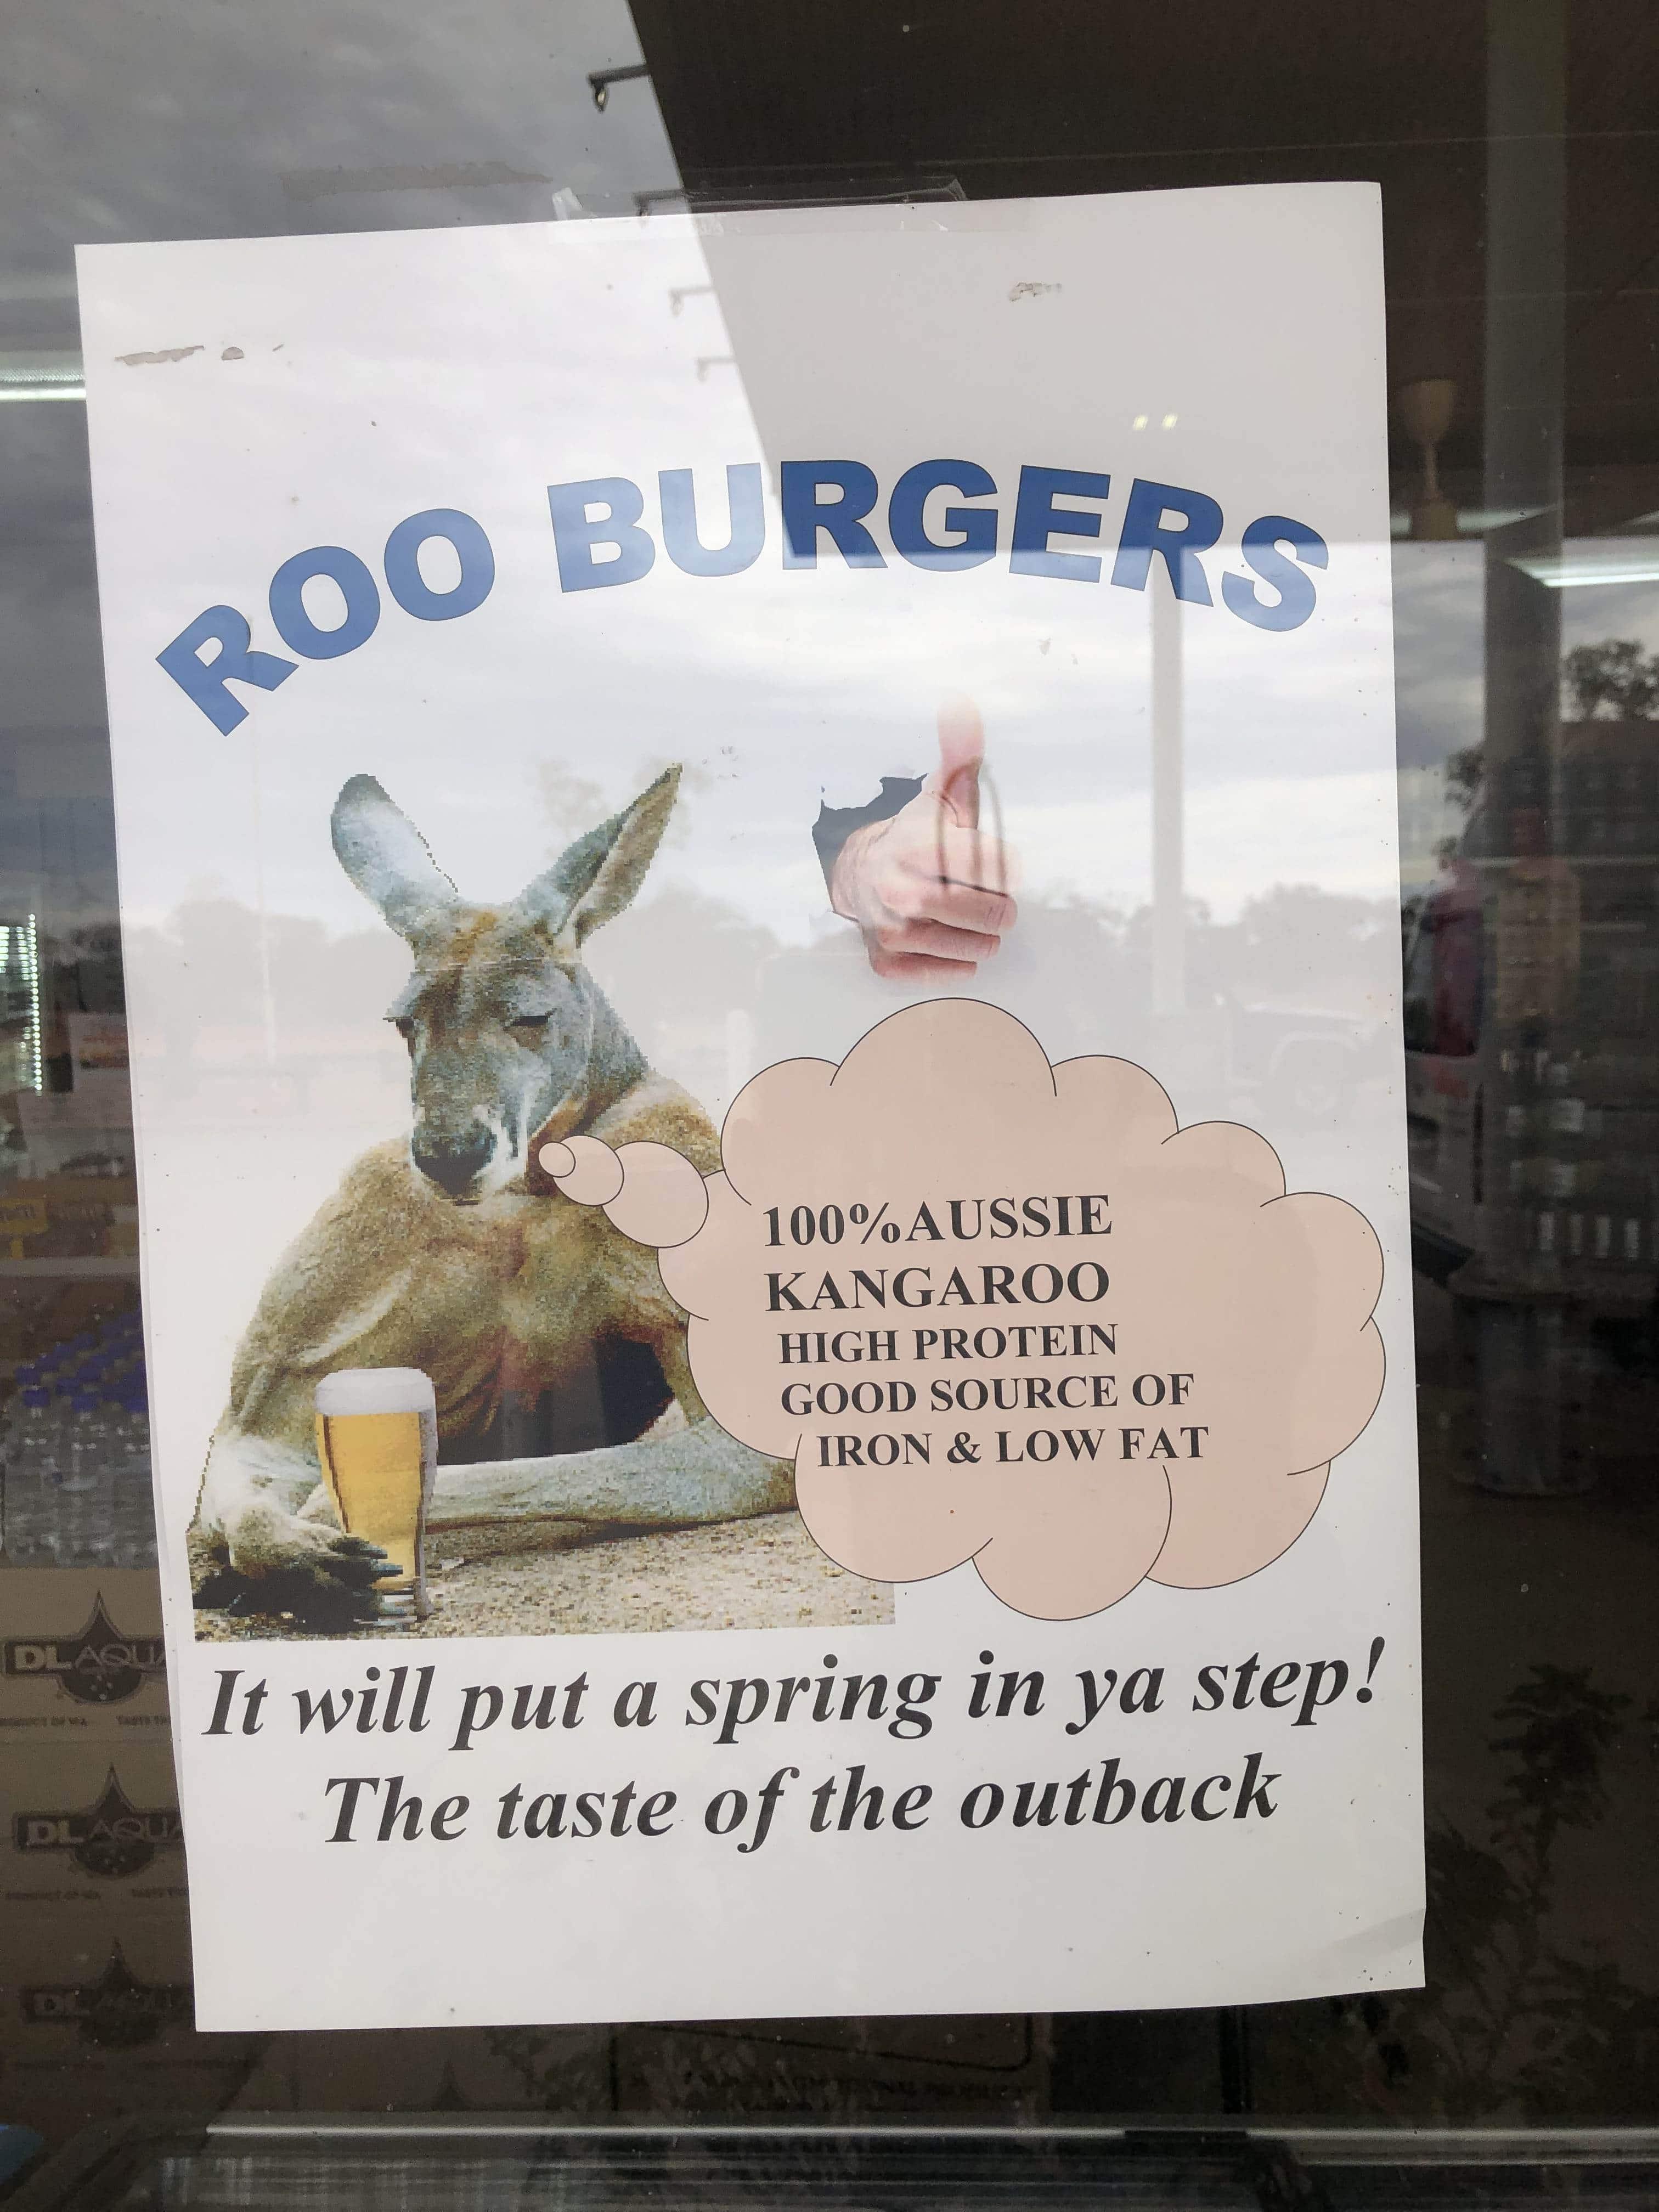 Roo burgers!